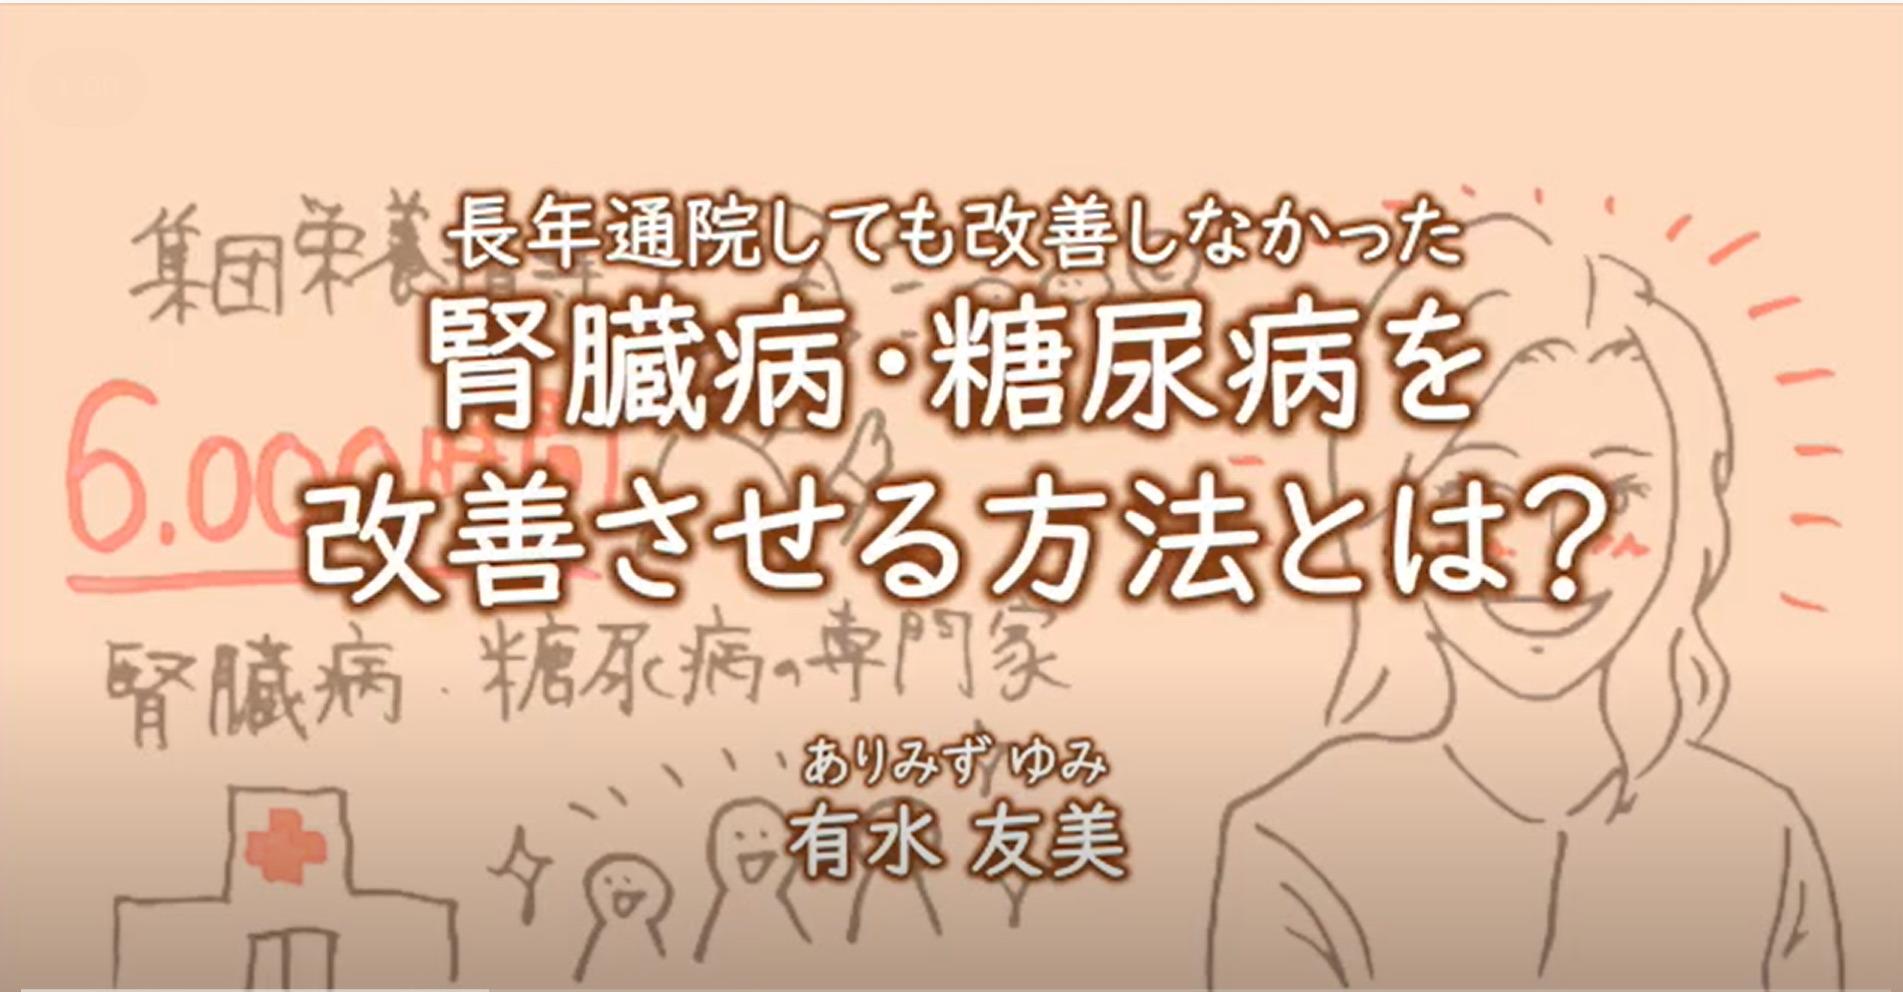 """ありみずゆみがわかる!?""""お絵描きムービー""""完成のお知らせ"""